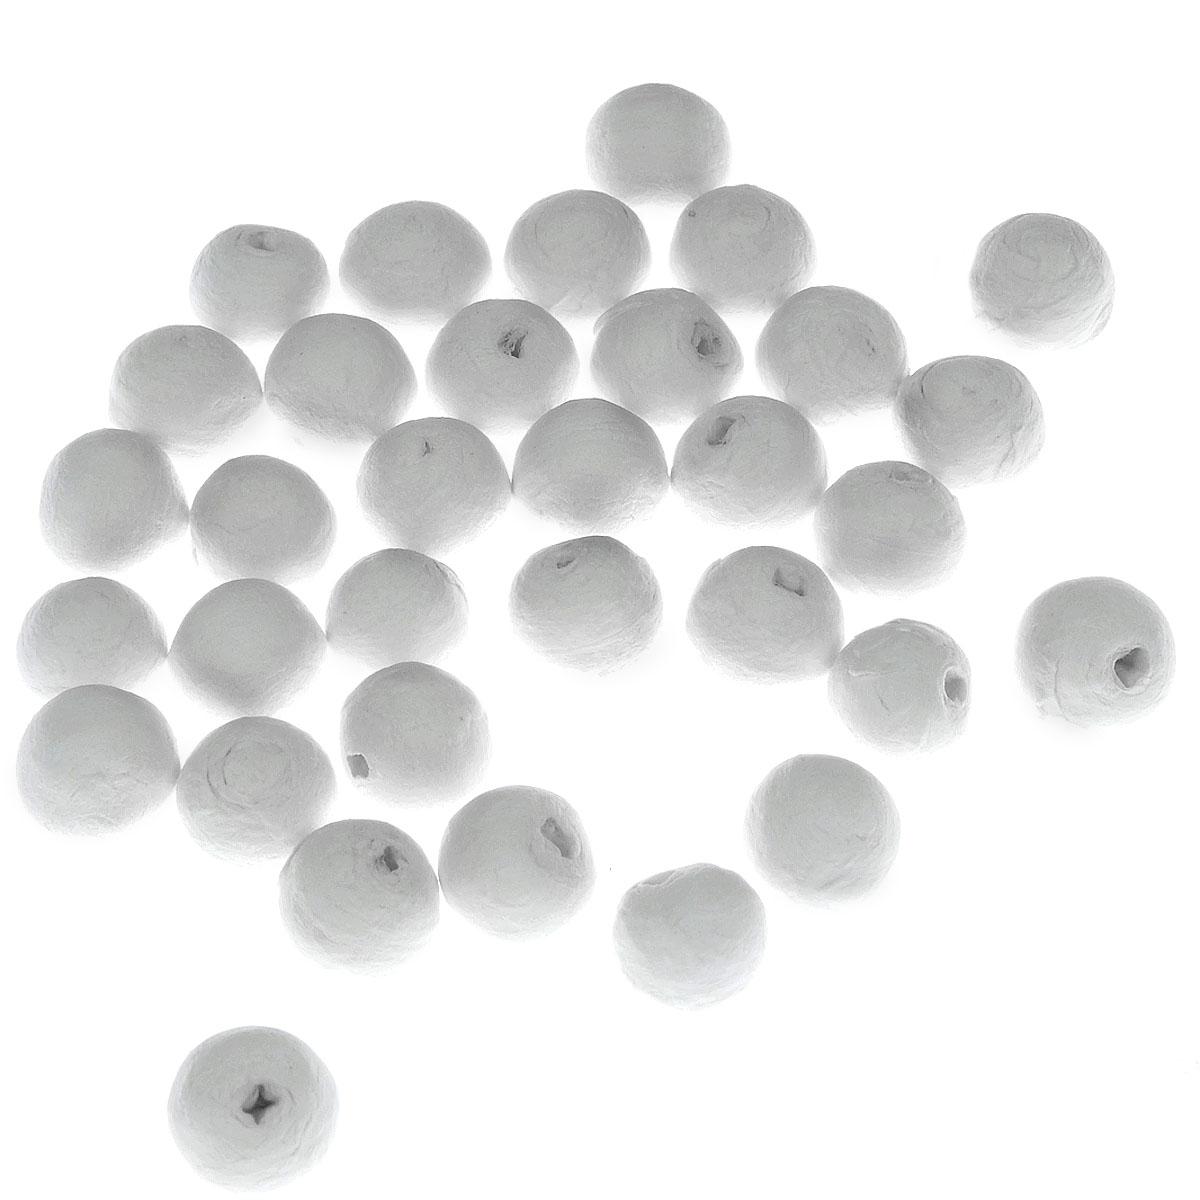 Шарики хлопковые Hobby Time, цвет: белый, диаметр 15 мм, 40 шт318338Декоративные шарики Hobby Time, изготовленные из 100% натурального хлопка, станут эффектным украшением интерьера или праздника. Из хлопка можно создать любые украшения. Белый пушистый хлопок - практически универсальная деталь, из которой можно создать красивейшие декоративные композиции как для зимних праздников, так и для торжественных мероприятий, проводимых в теплые сезоны.При планировании эко-свадьбы хлопок также стоит включить в список элементов декоративного убранства. Воткнув в букет хлопковые веточки, вы сразу сделаете композицию и нежнее, и оригинальнее. Поскольку цветки хлопчатника белые, украшения из них можно сочетать с любой цветовой палитрой. Хлопок можно добавлять не только в букет невесты и в композиции на столах. А из веточек хлопка получатся оригинальные бутоньерки. Диаметр шарика: 15 мм.